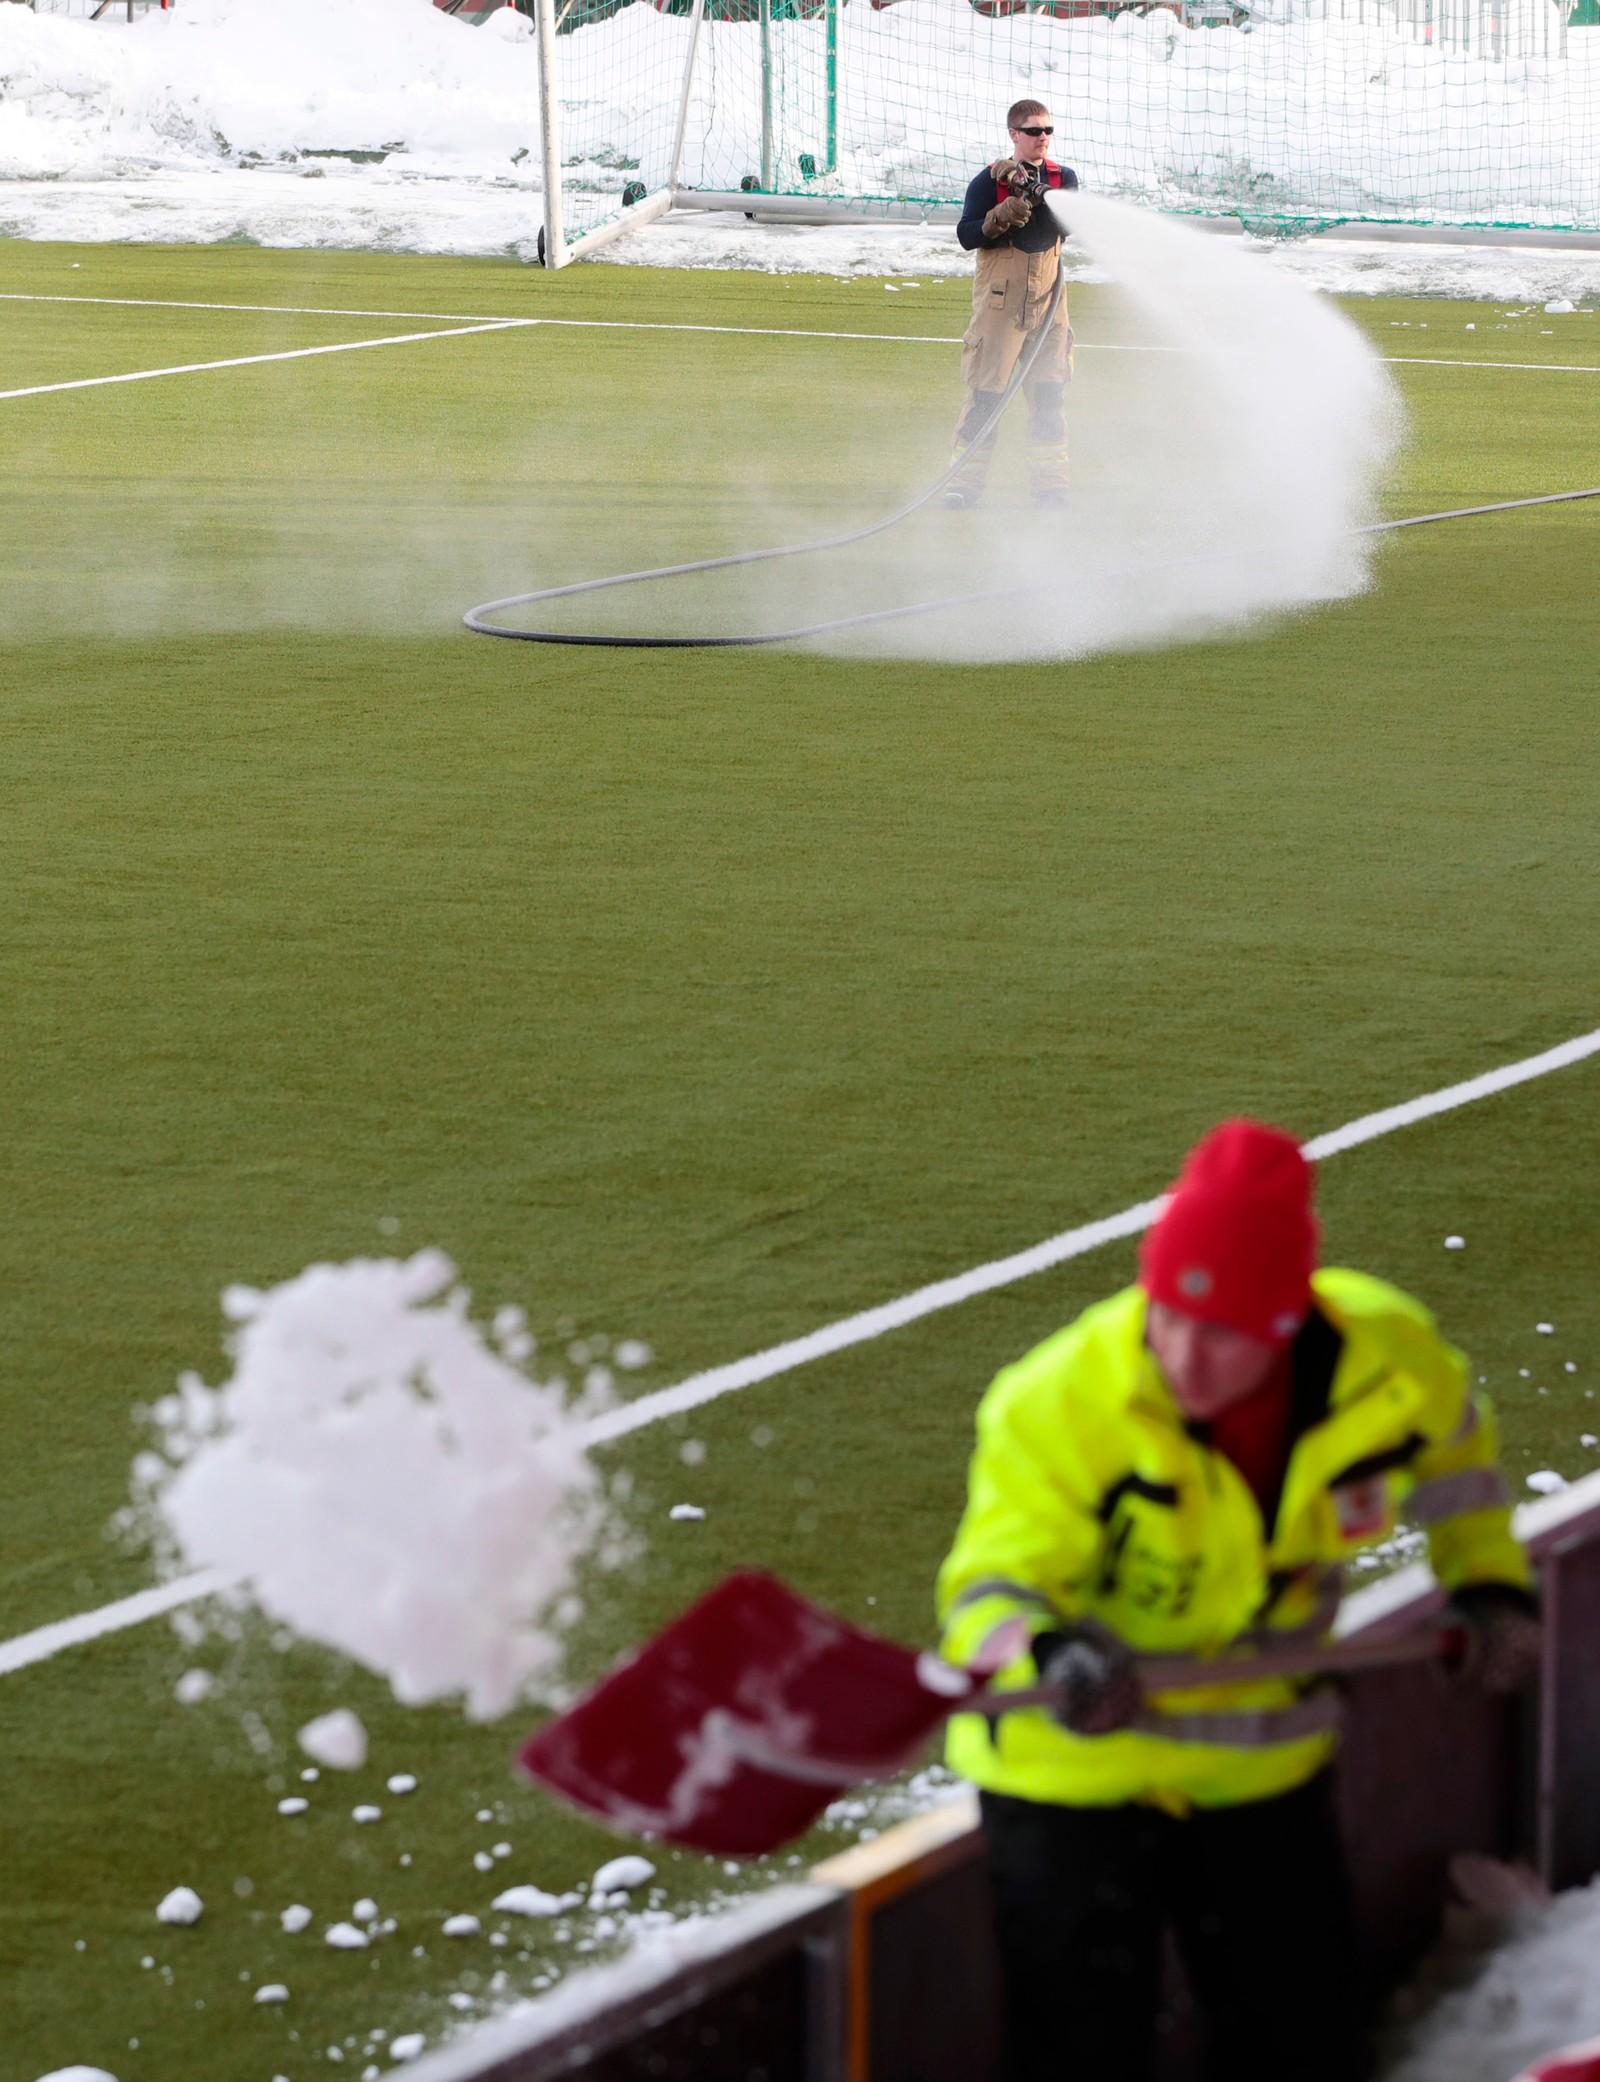 Brannvesnet sprøyter varmt vann på kunstgresset og banemannskaper rydder tribunen for snø før eliteseriekampen i fotball mellom Tromsø og Brann på Alfheim Stadion.